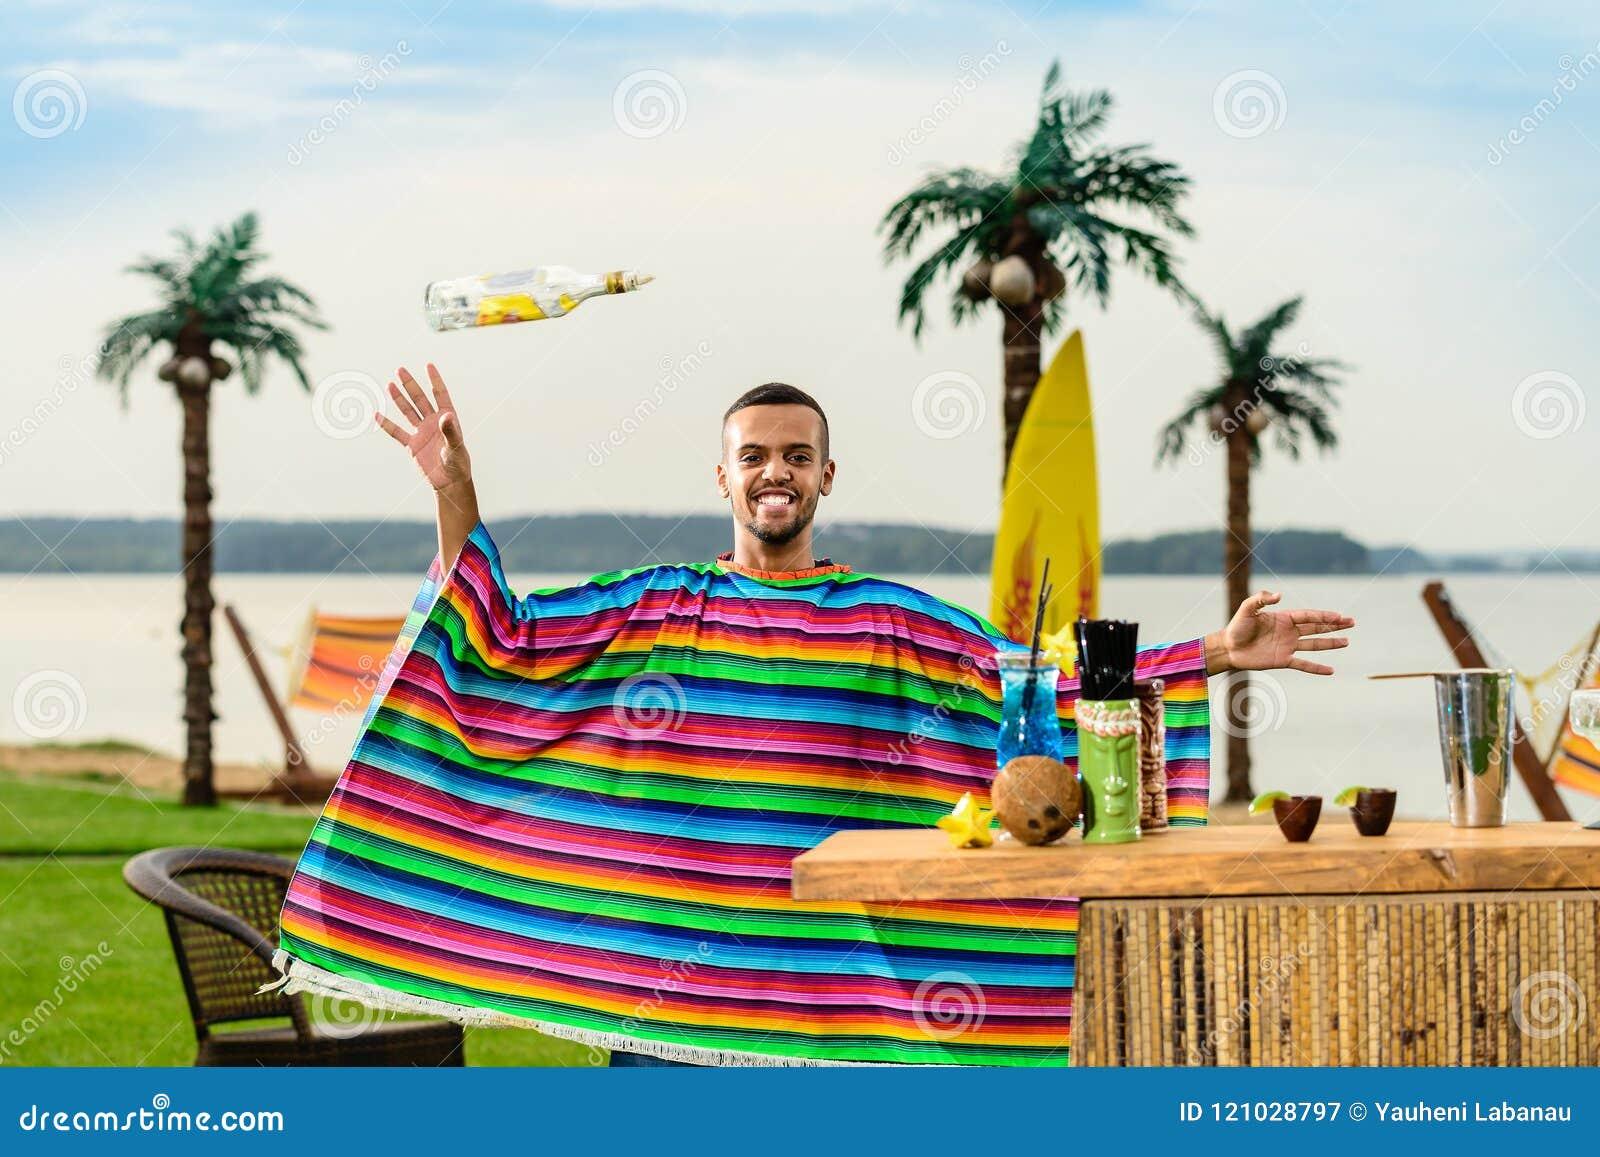 五颜六色的雨披的英俊的正面墨西哥侍酒者投掷